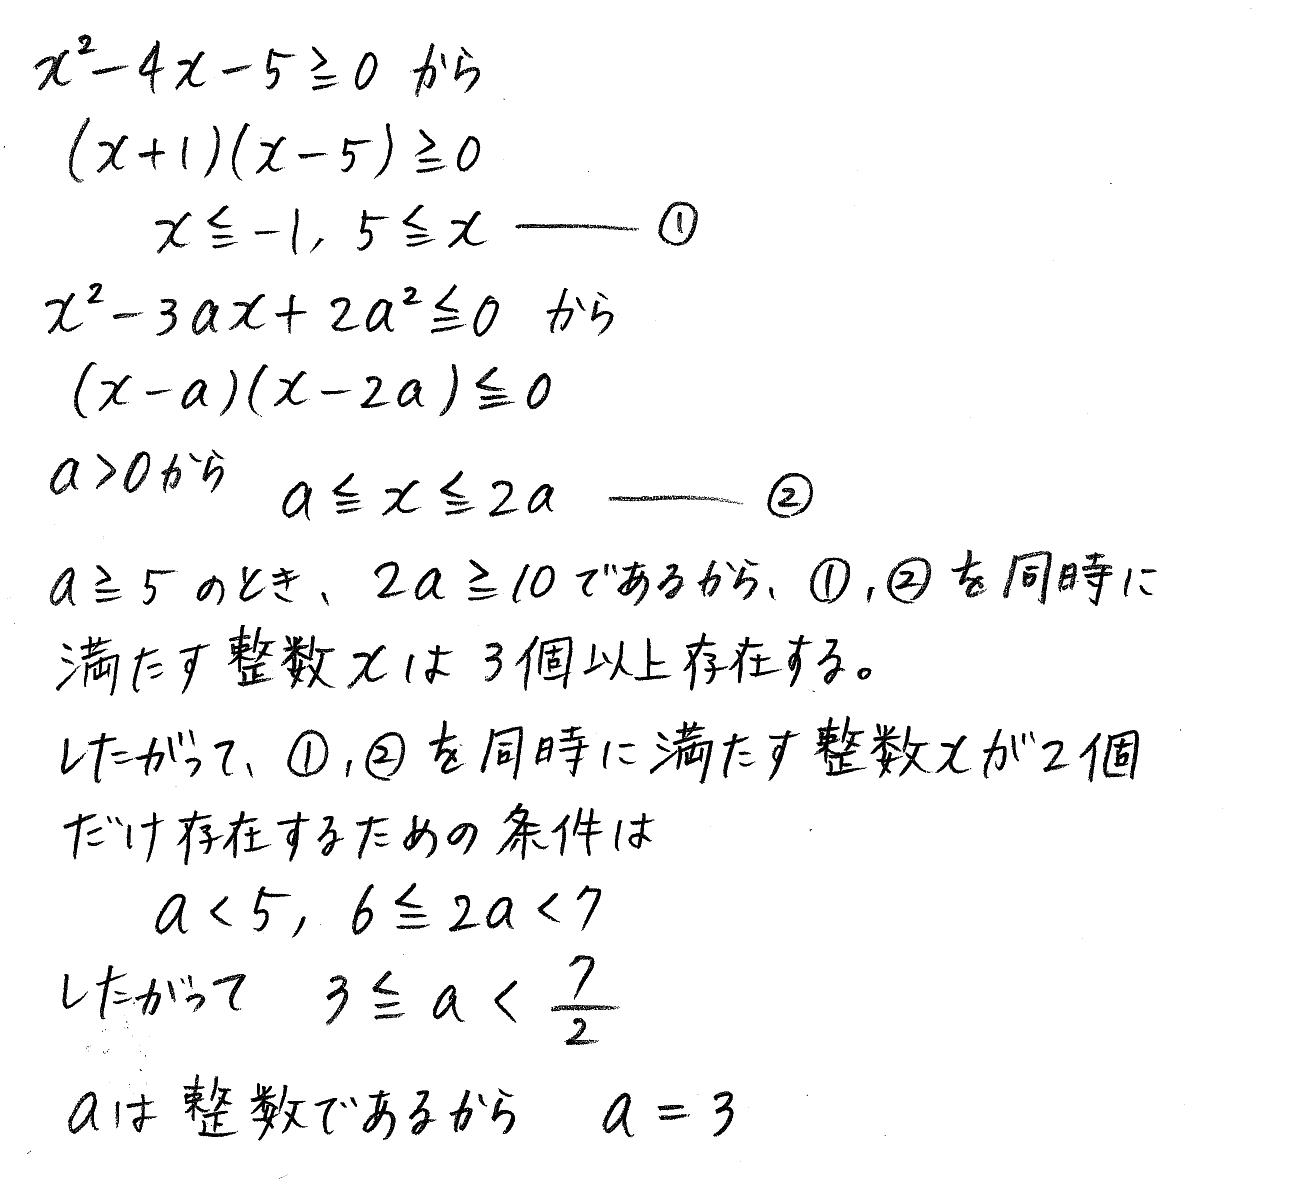 クリアー数学演習12AB受験編-8解答